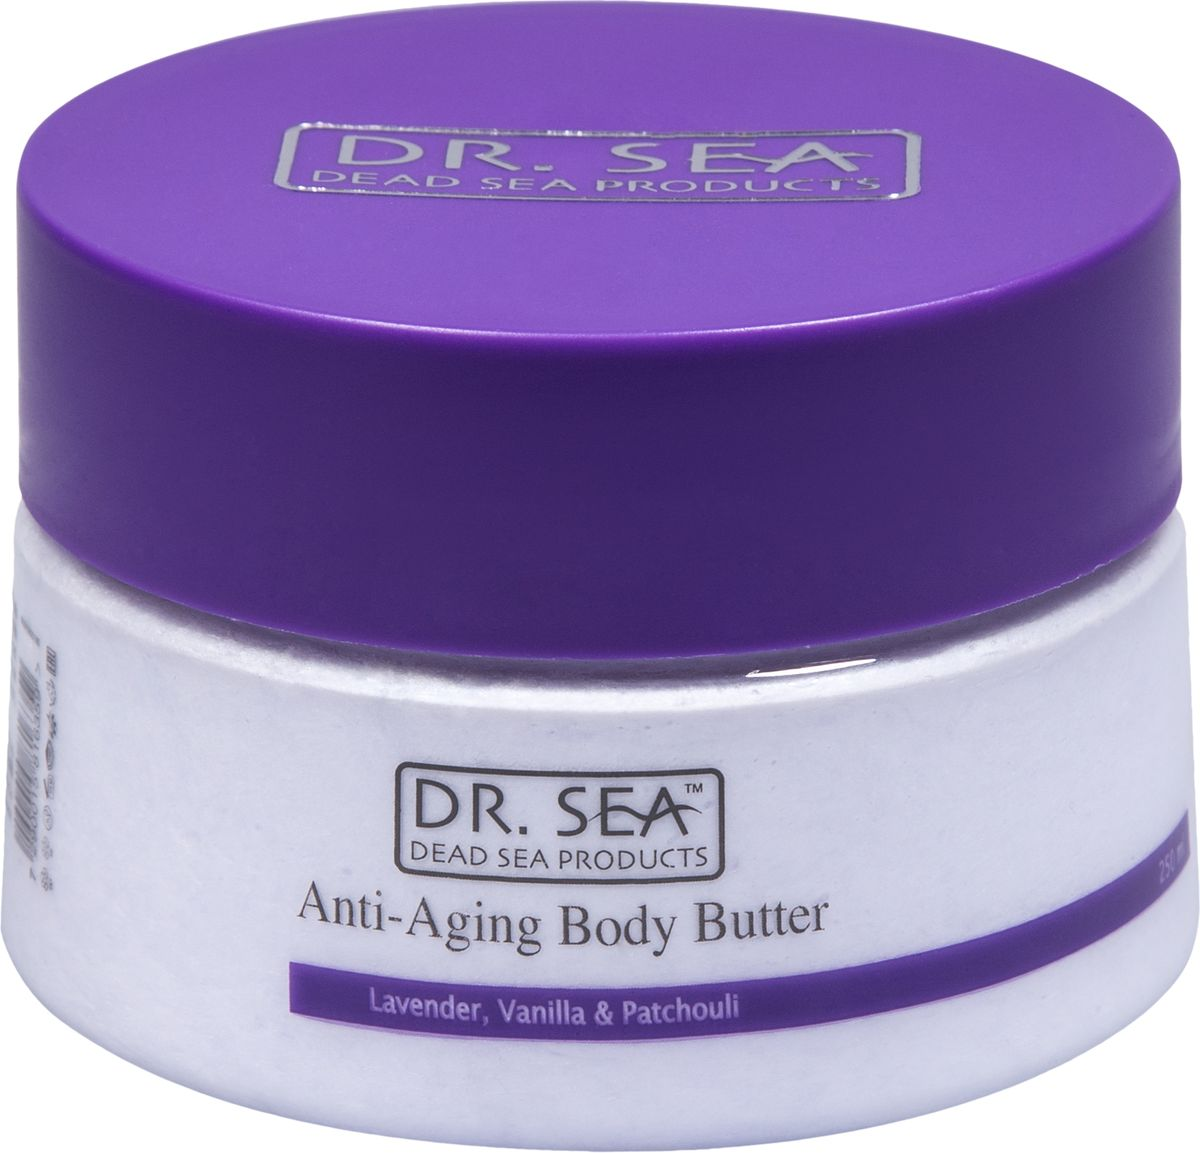 Dr.Sea Масло для тела против старения-лаванда , ваниль и пачули, 250 мл227Ежедневное применение масла для тела Dr. Sea позволяет коже эффективно противостоять процессу старения, повышает ее эластичность и упругость. Содержит минералы Мертвого моря, натуральные эфирные и растительные масла, а также витамины C и E, жирные кислоты омега-3 и омега-6. Способствует предотвращению растяжек, рекомендуется к применению в период диеты или беременности.Способ применения: после каждого принятия ванны или душа наносите на кожу массирующими движениями и втирайте до полного впитывания.Основу косметики Dr. Sea составляют минералы, грязи и органические вытяжки Мертвого моря, а также натуральные растительные экстракты. Косметические средства Dr. Sea разрабатываются и производятся исключительно на территории Израиля в новейших технологических условиях, позволяющих максимально раскрыть и сохранить целебные свойства природных компонентов. Ни в одном из препаратов не содержится парааминобензойная кислота (так называемый парабен), а в составе шампуней и гелей для душа не используется Sodium Lauryl Sulfate. Уникальность минеральной косметики Dr. Sea состоит в том, что все компоненты, входящие в рецептуру, натуральные. Сочетание минералов, грязи, соли и других натуральных составляющих, усиливают целебное действие и не дают побочных эффектов. Характеристики:Объем: 250 мл. Производитель: Израиль. Товар сертифицирован.